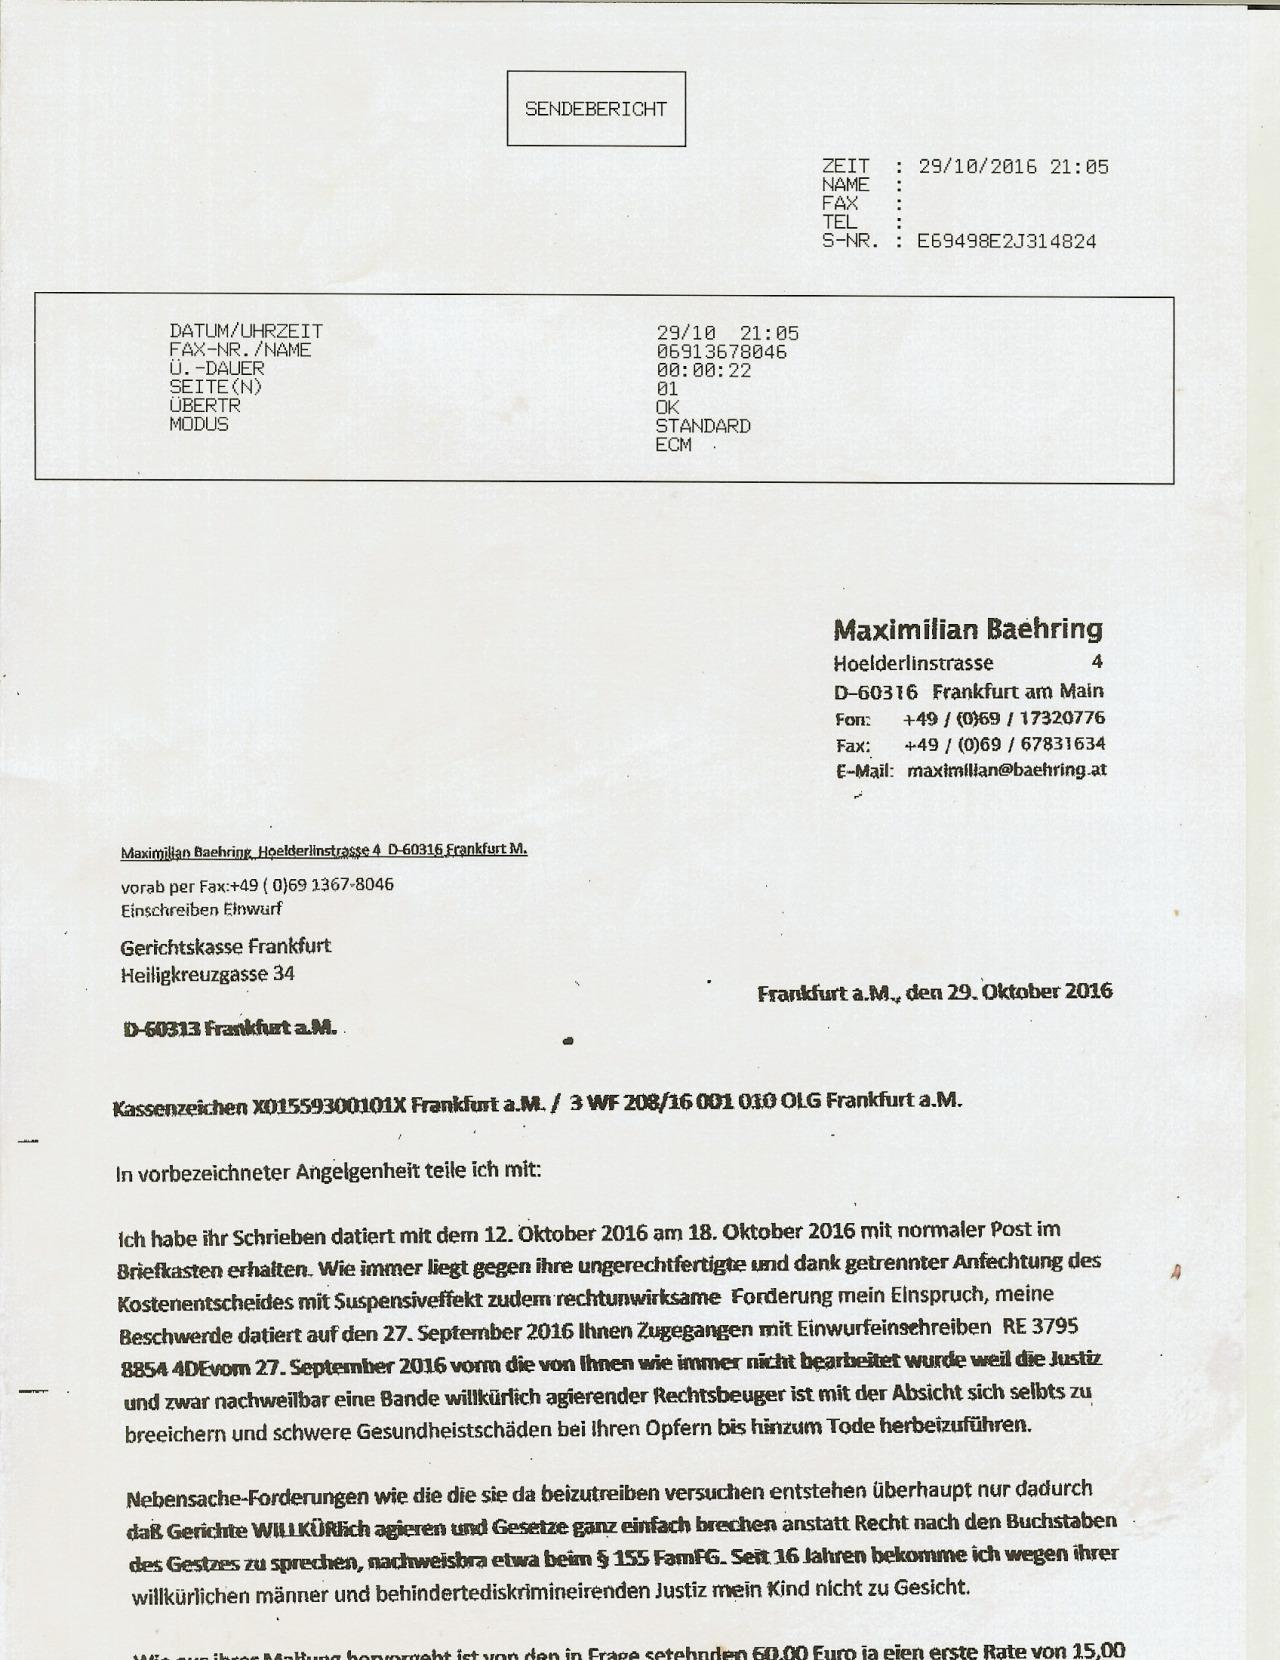 16.10.2016 02:30 http://sch-einesystem.tumblr.com/post ...